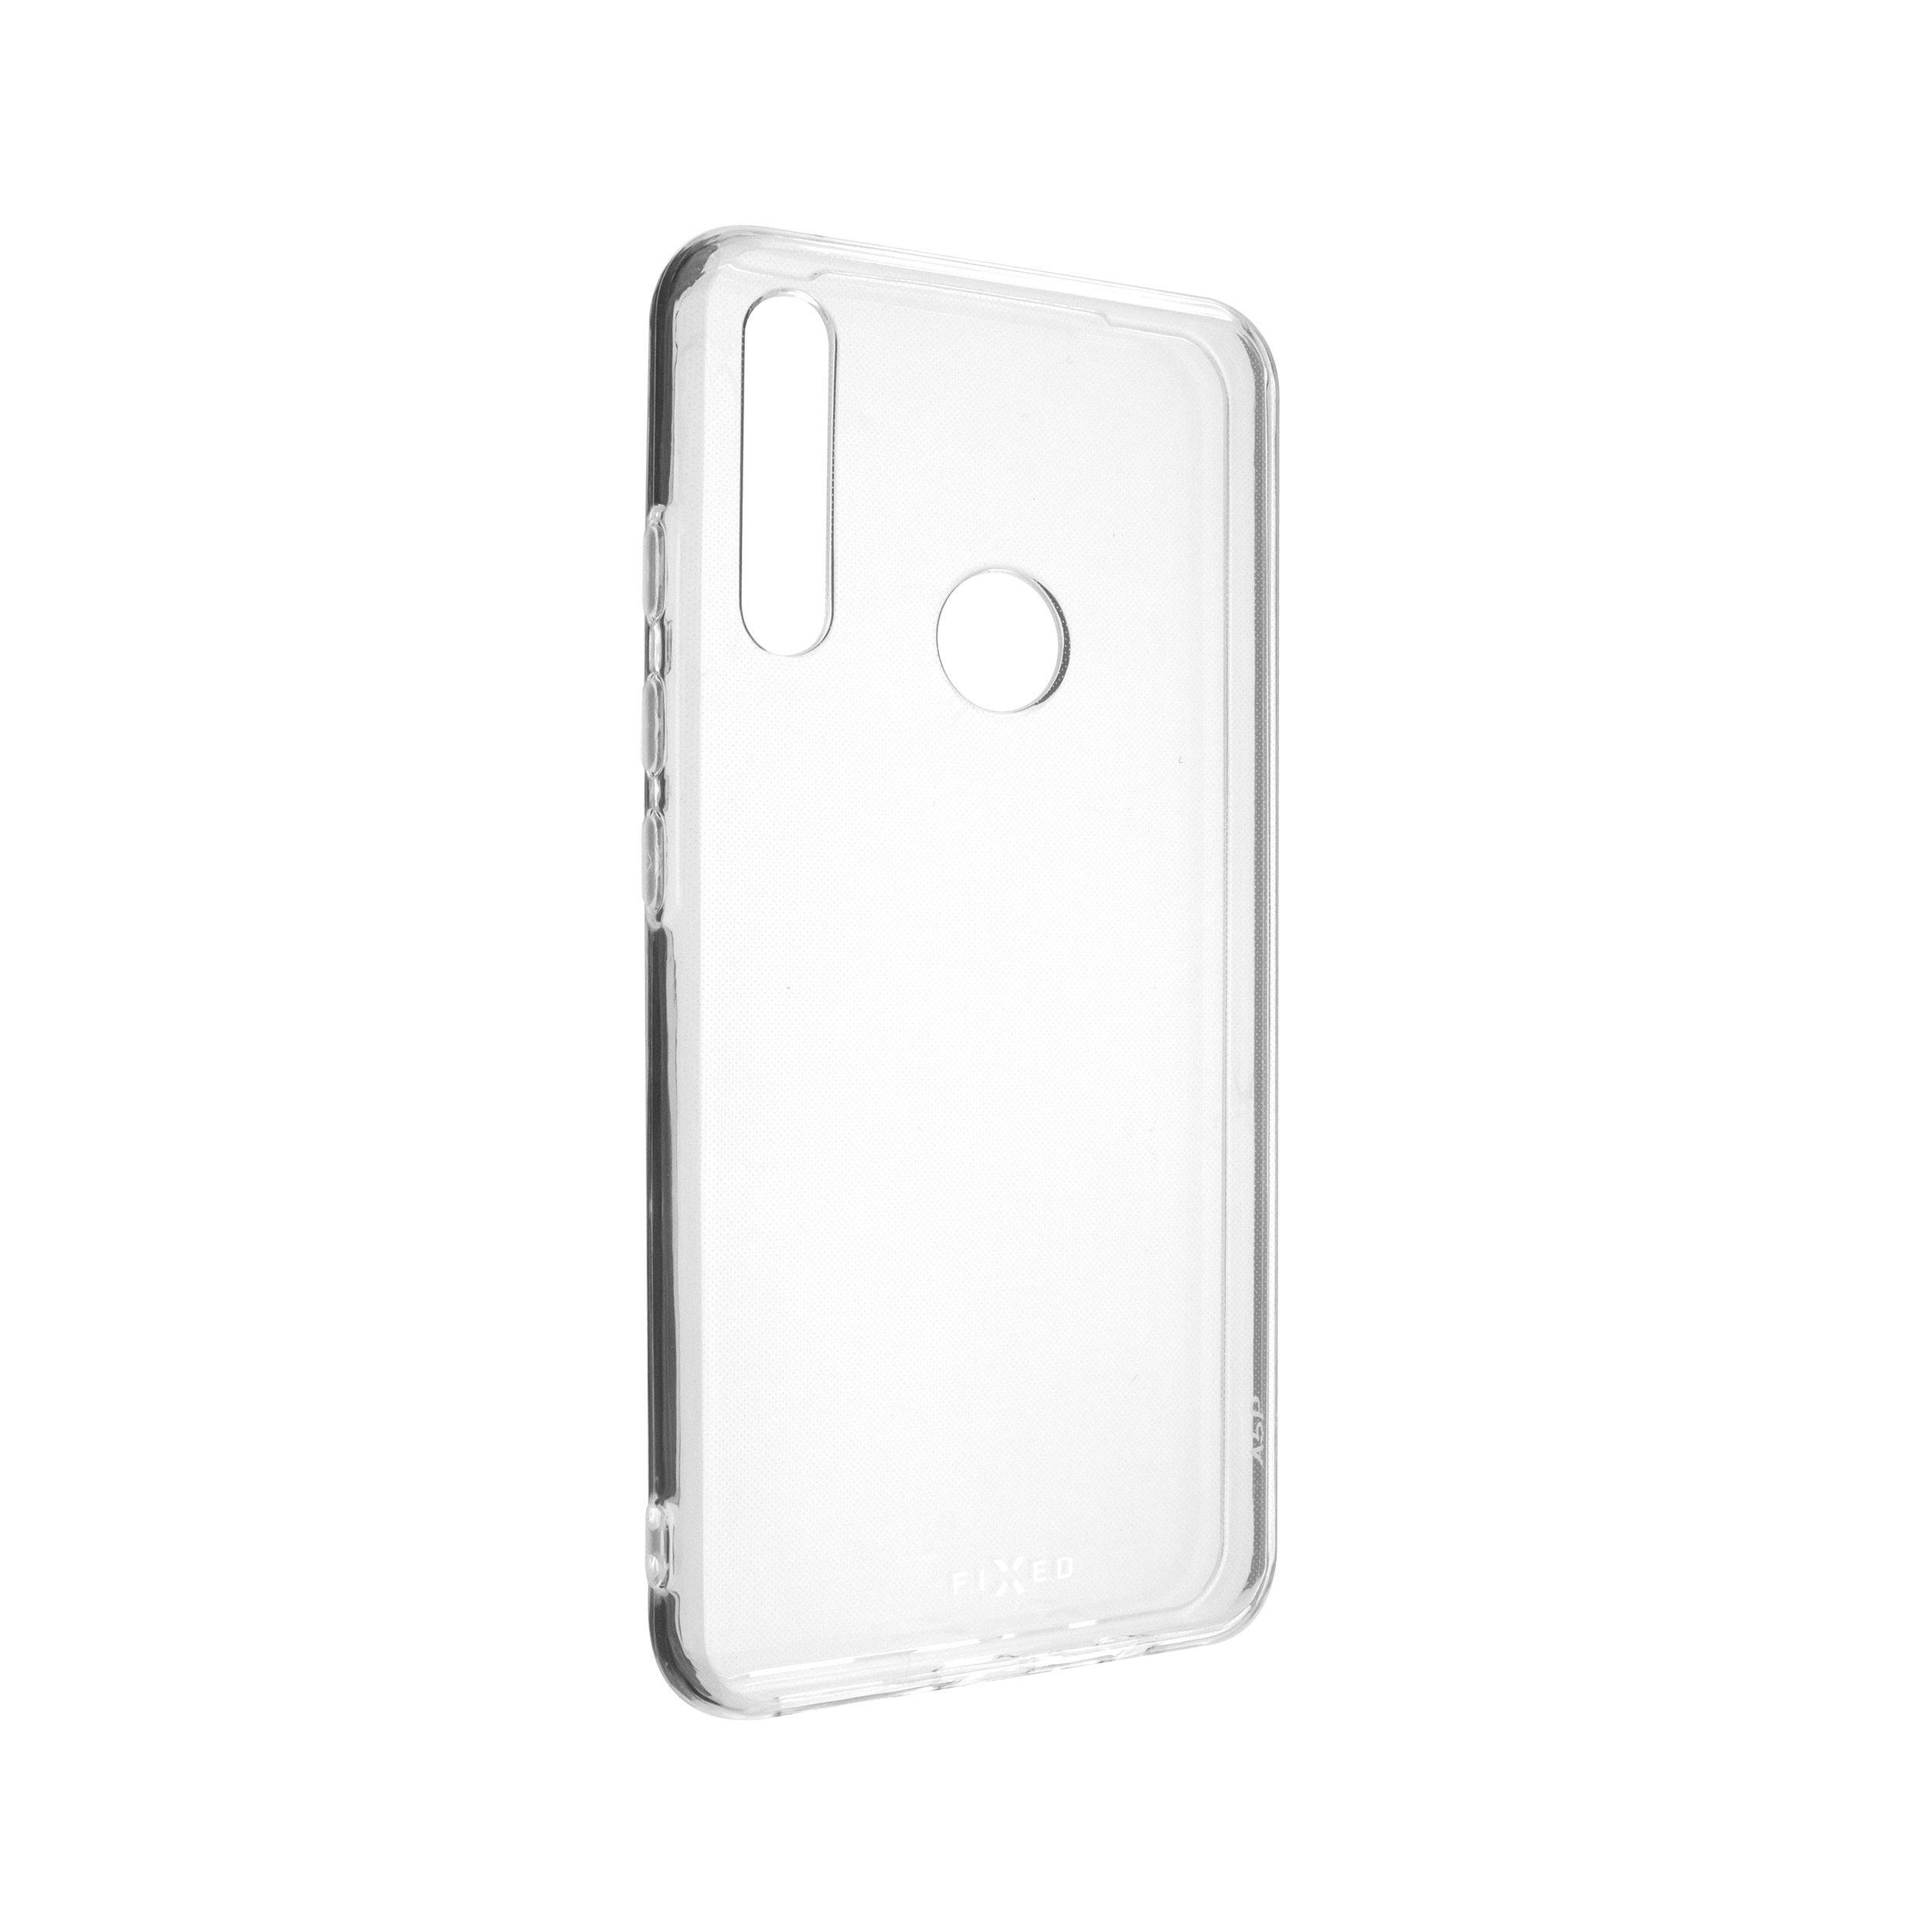 TPU gelové pouzdro FIXED pro UMIDIGI A5 Pro, čiré